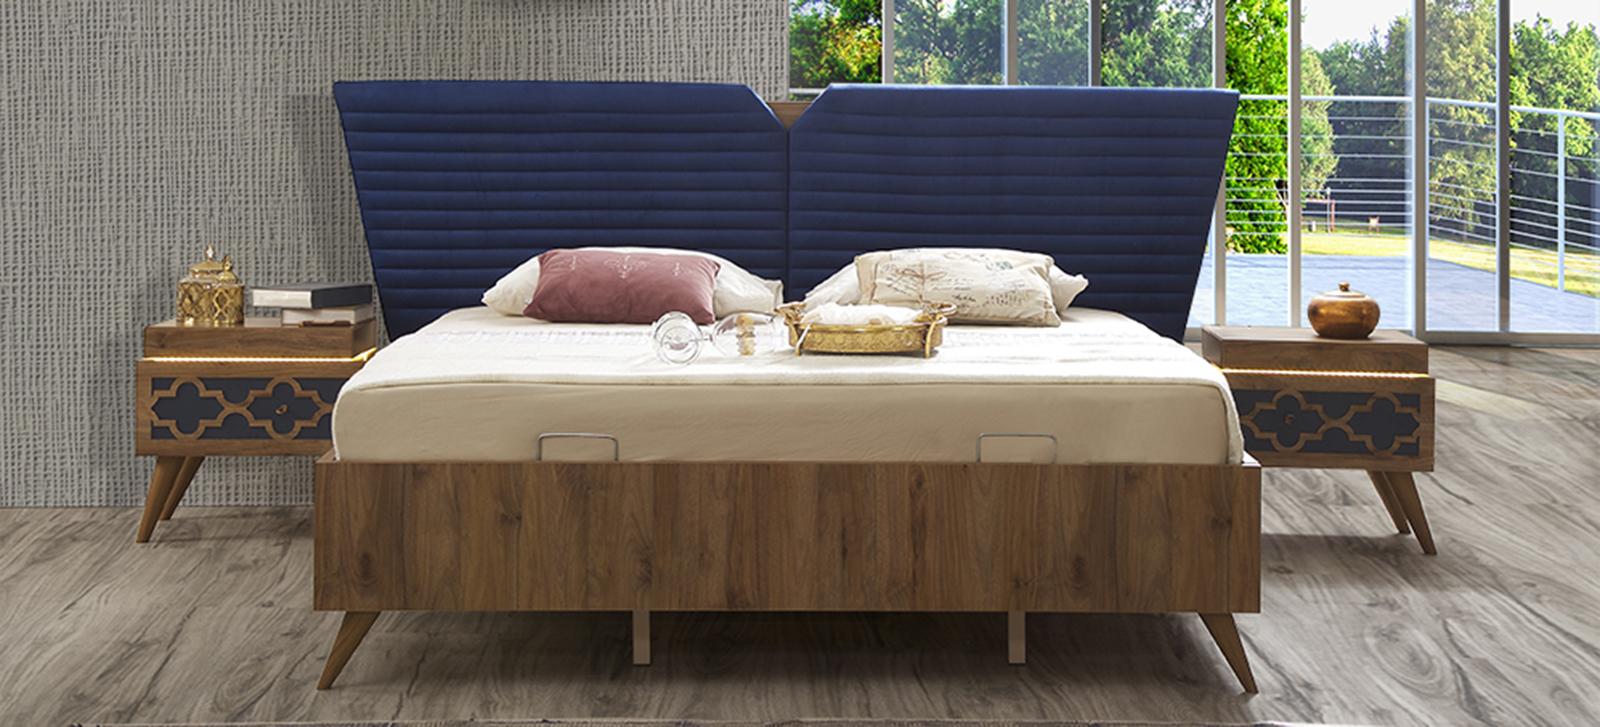 2 كومودينو و سرير باللون البني و الكحلي